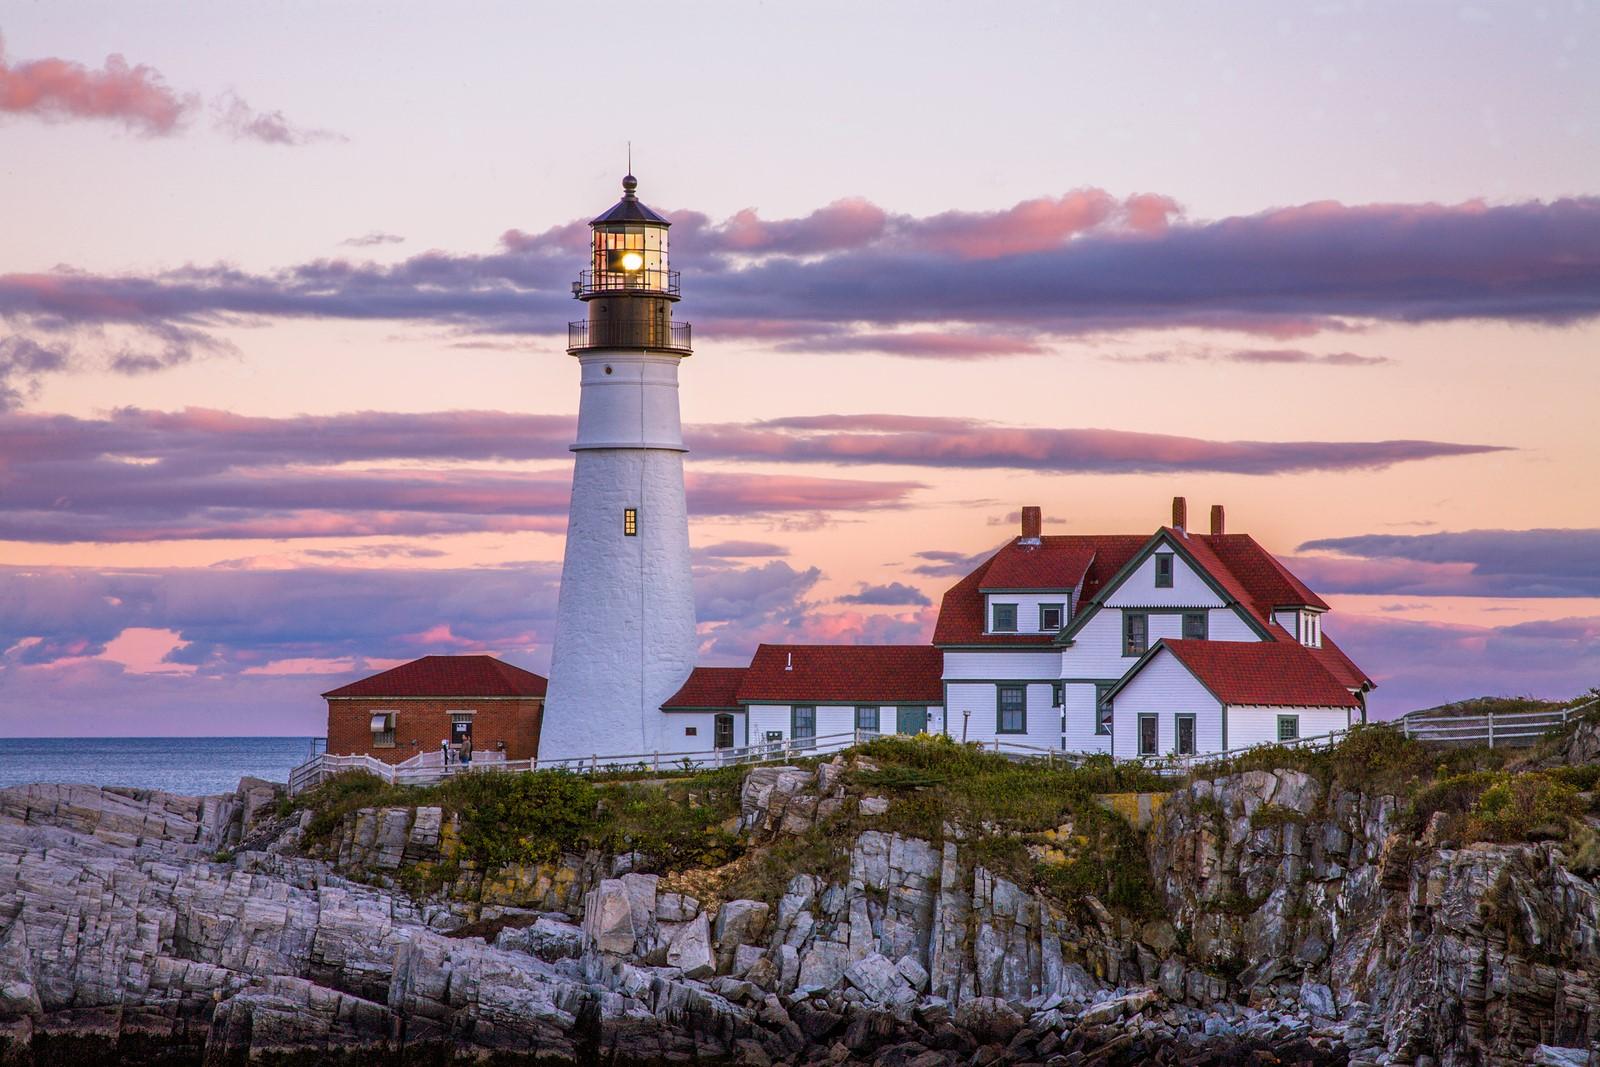 Alquiler de yates en Maine. Alquiler de barcos en Maine